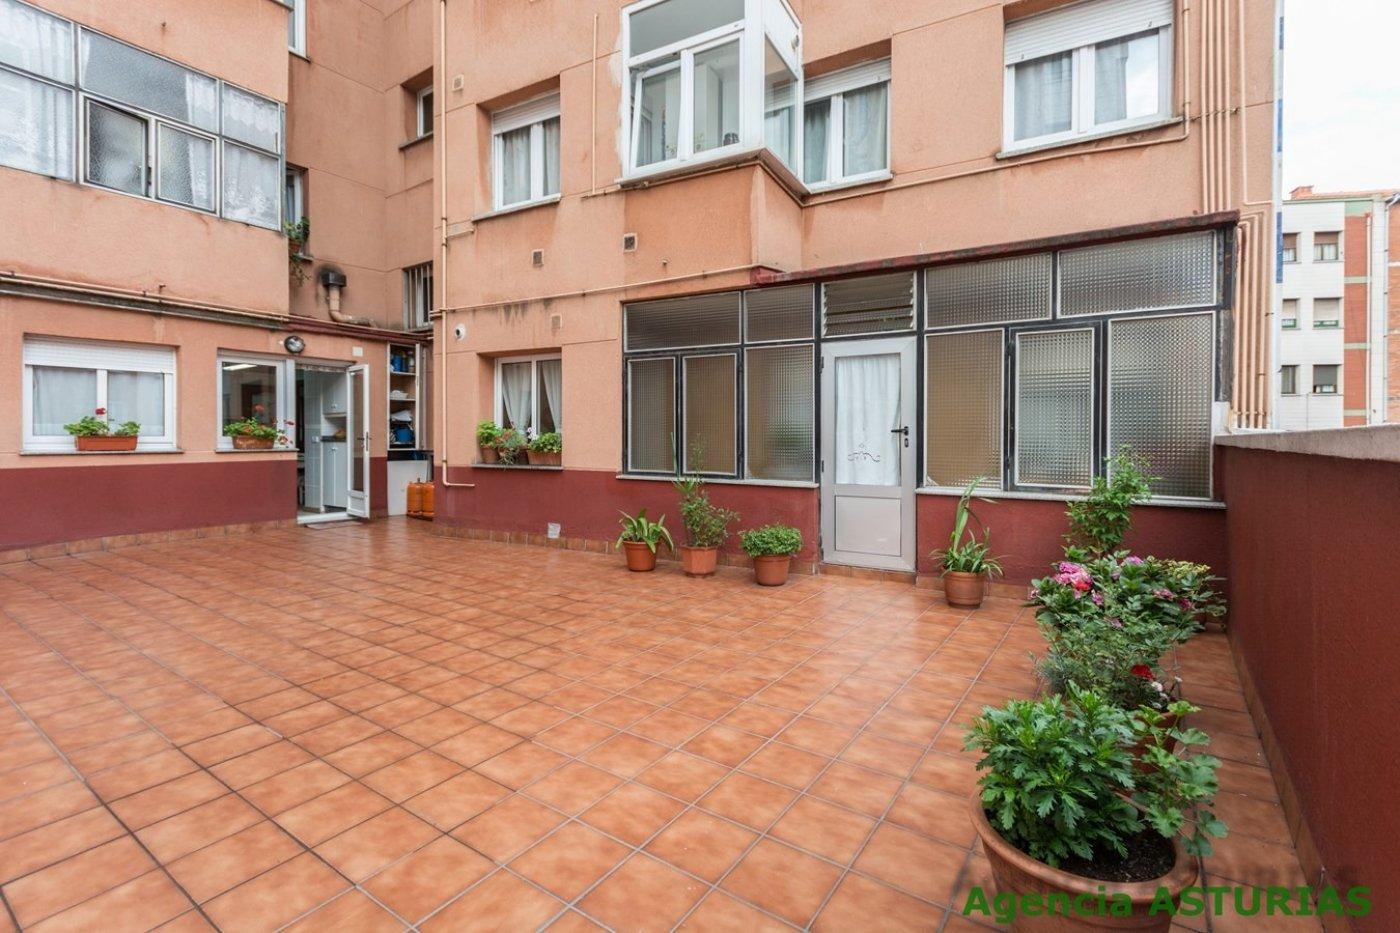 Piso con gran terraza listo para entrar - imagenInmueble33